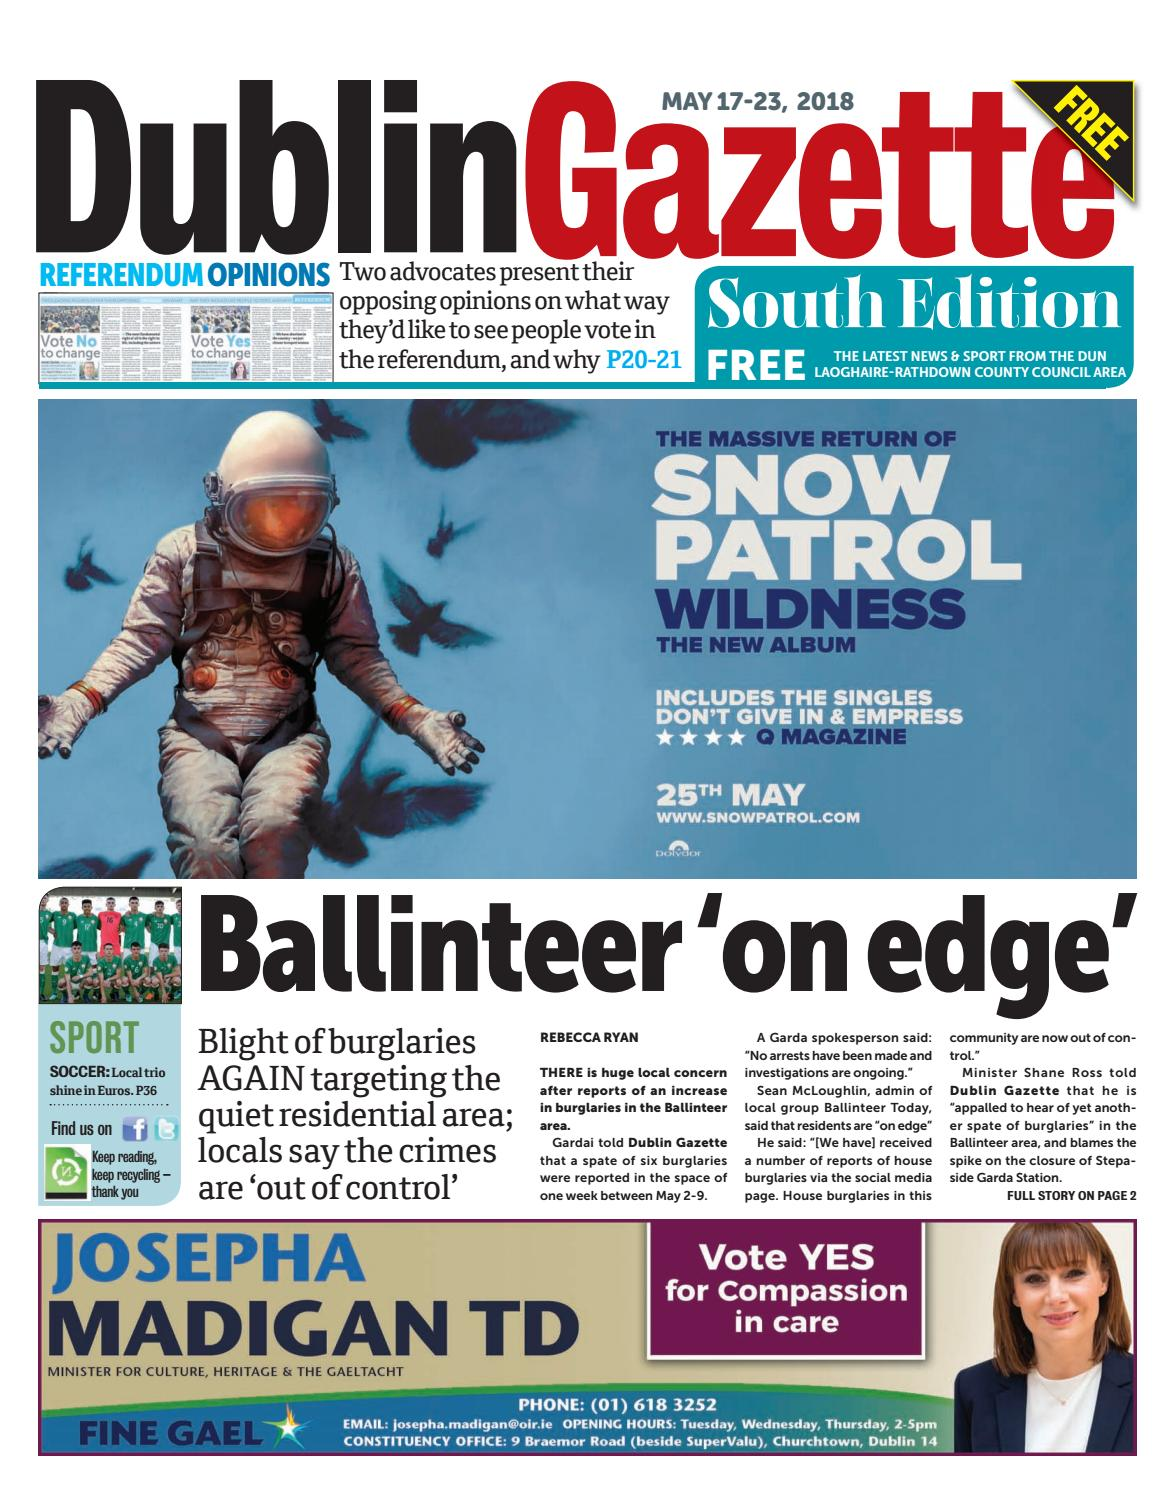 Dublin Gazette: South Edition by Dublin Gazette - issuu